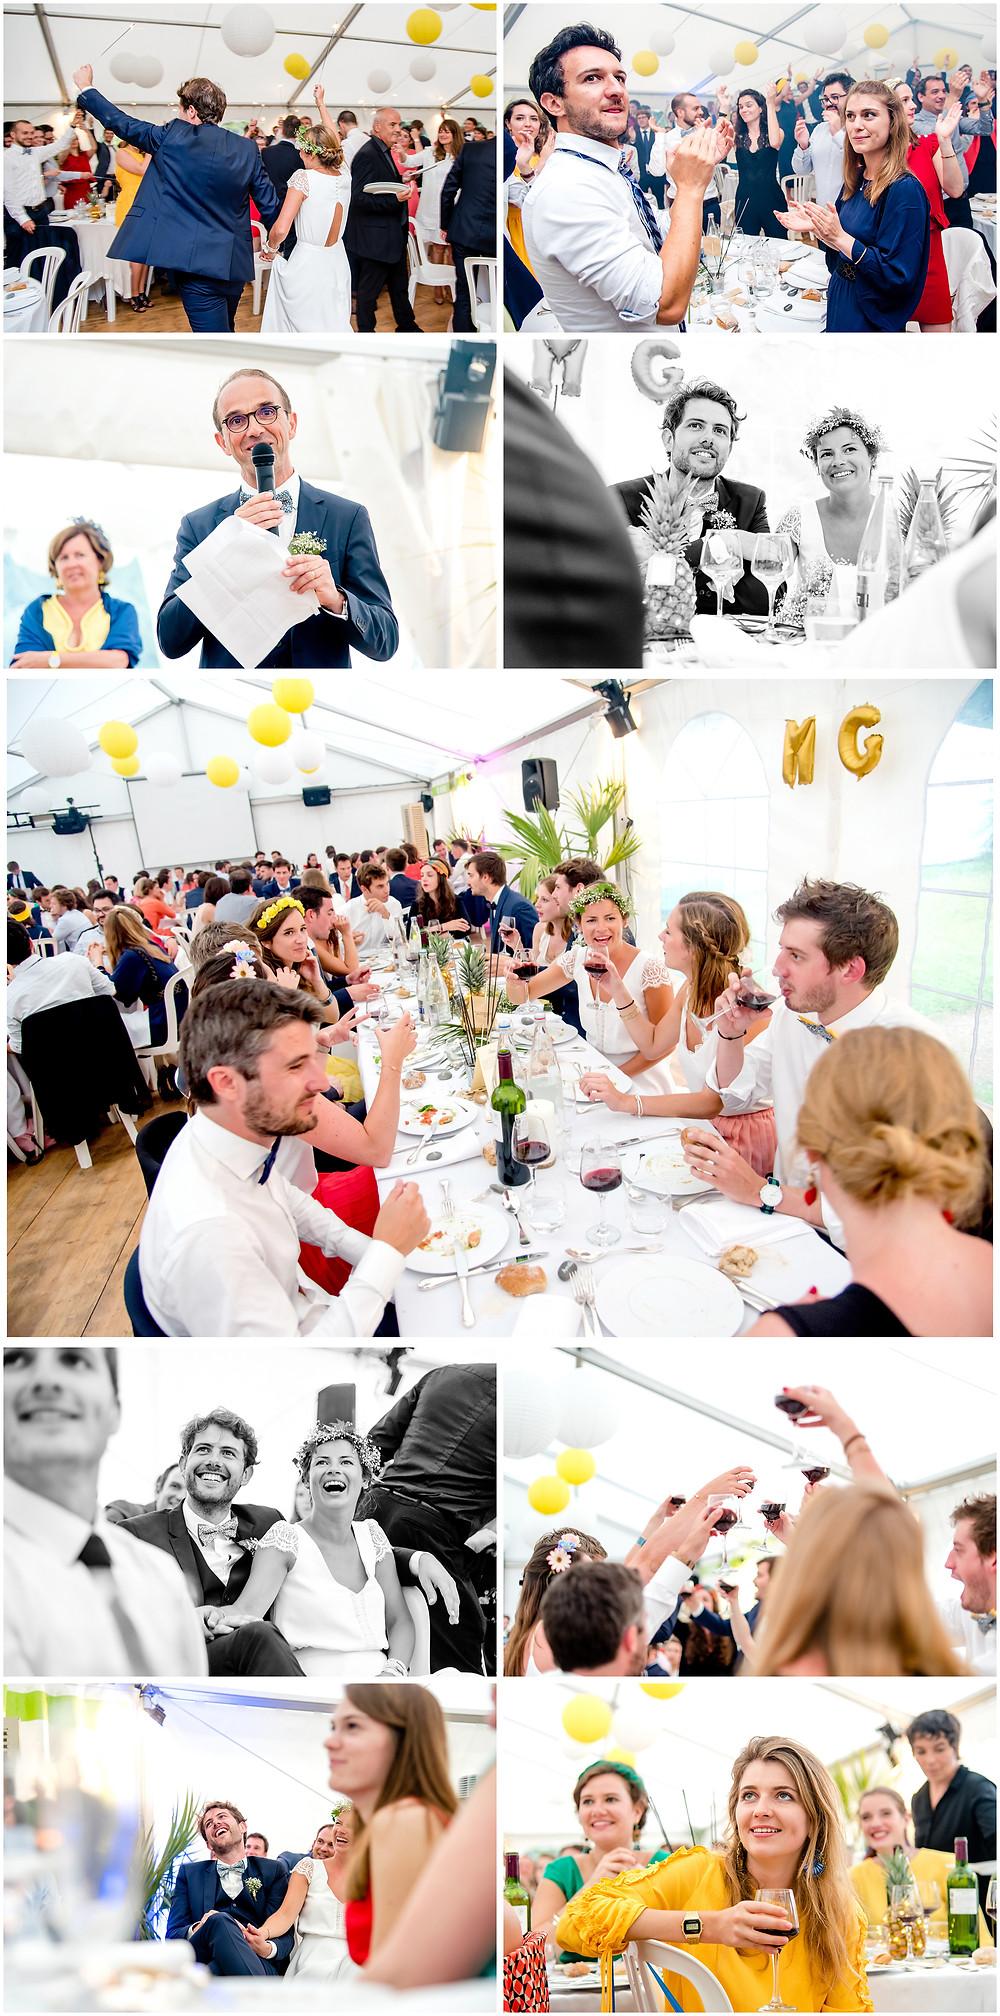 Mariage àl'Ile Tudy - Manoir de Kérouzien - photos diner - Brigitte Delibes Photographie - Photographe Mariage Nantes